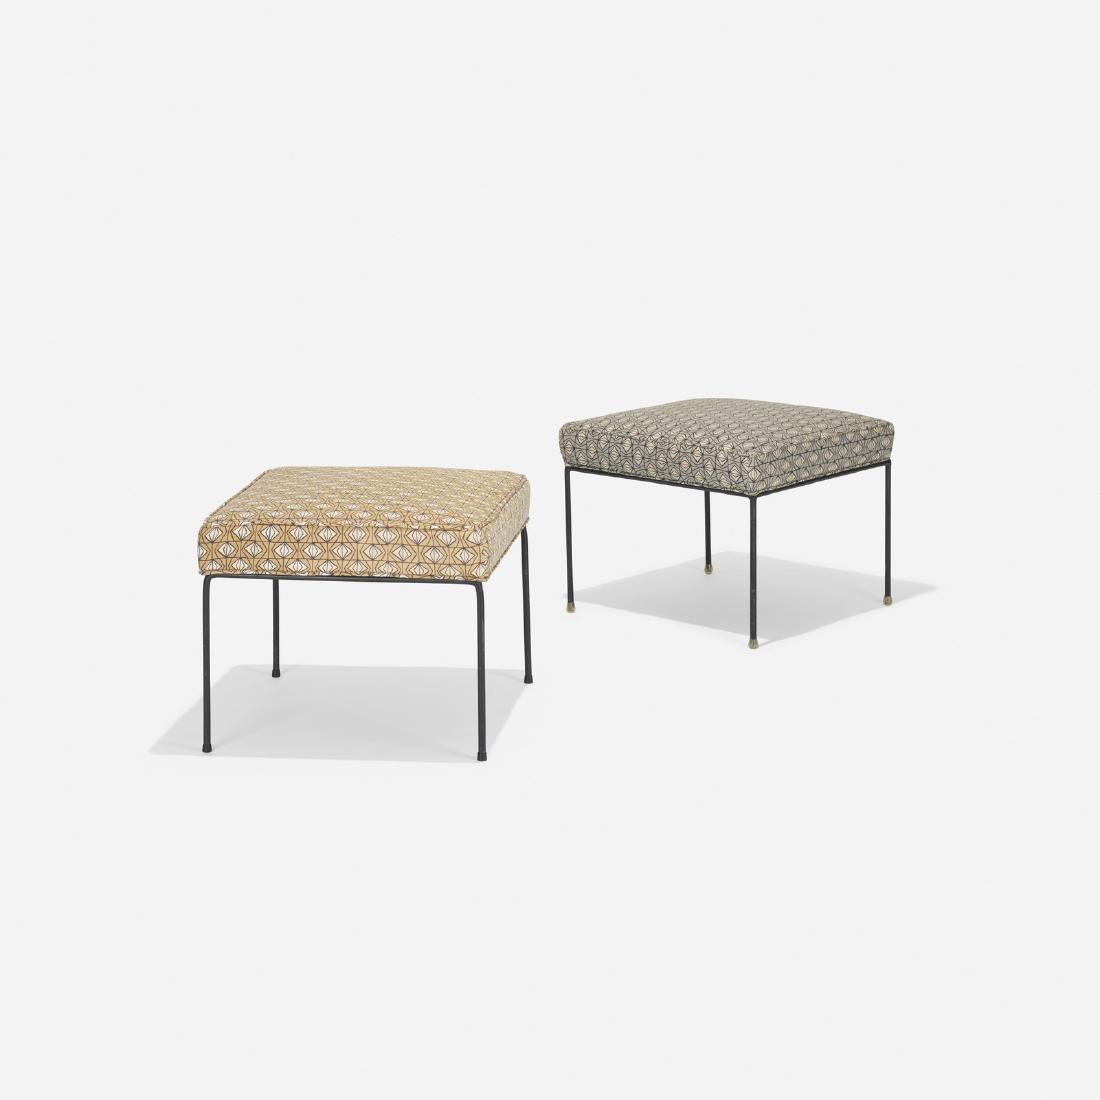 Paul McCobb, stools model 1305, pair